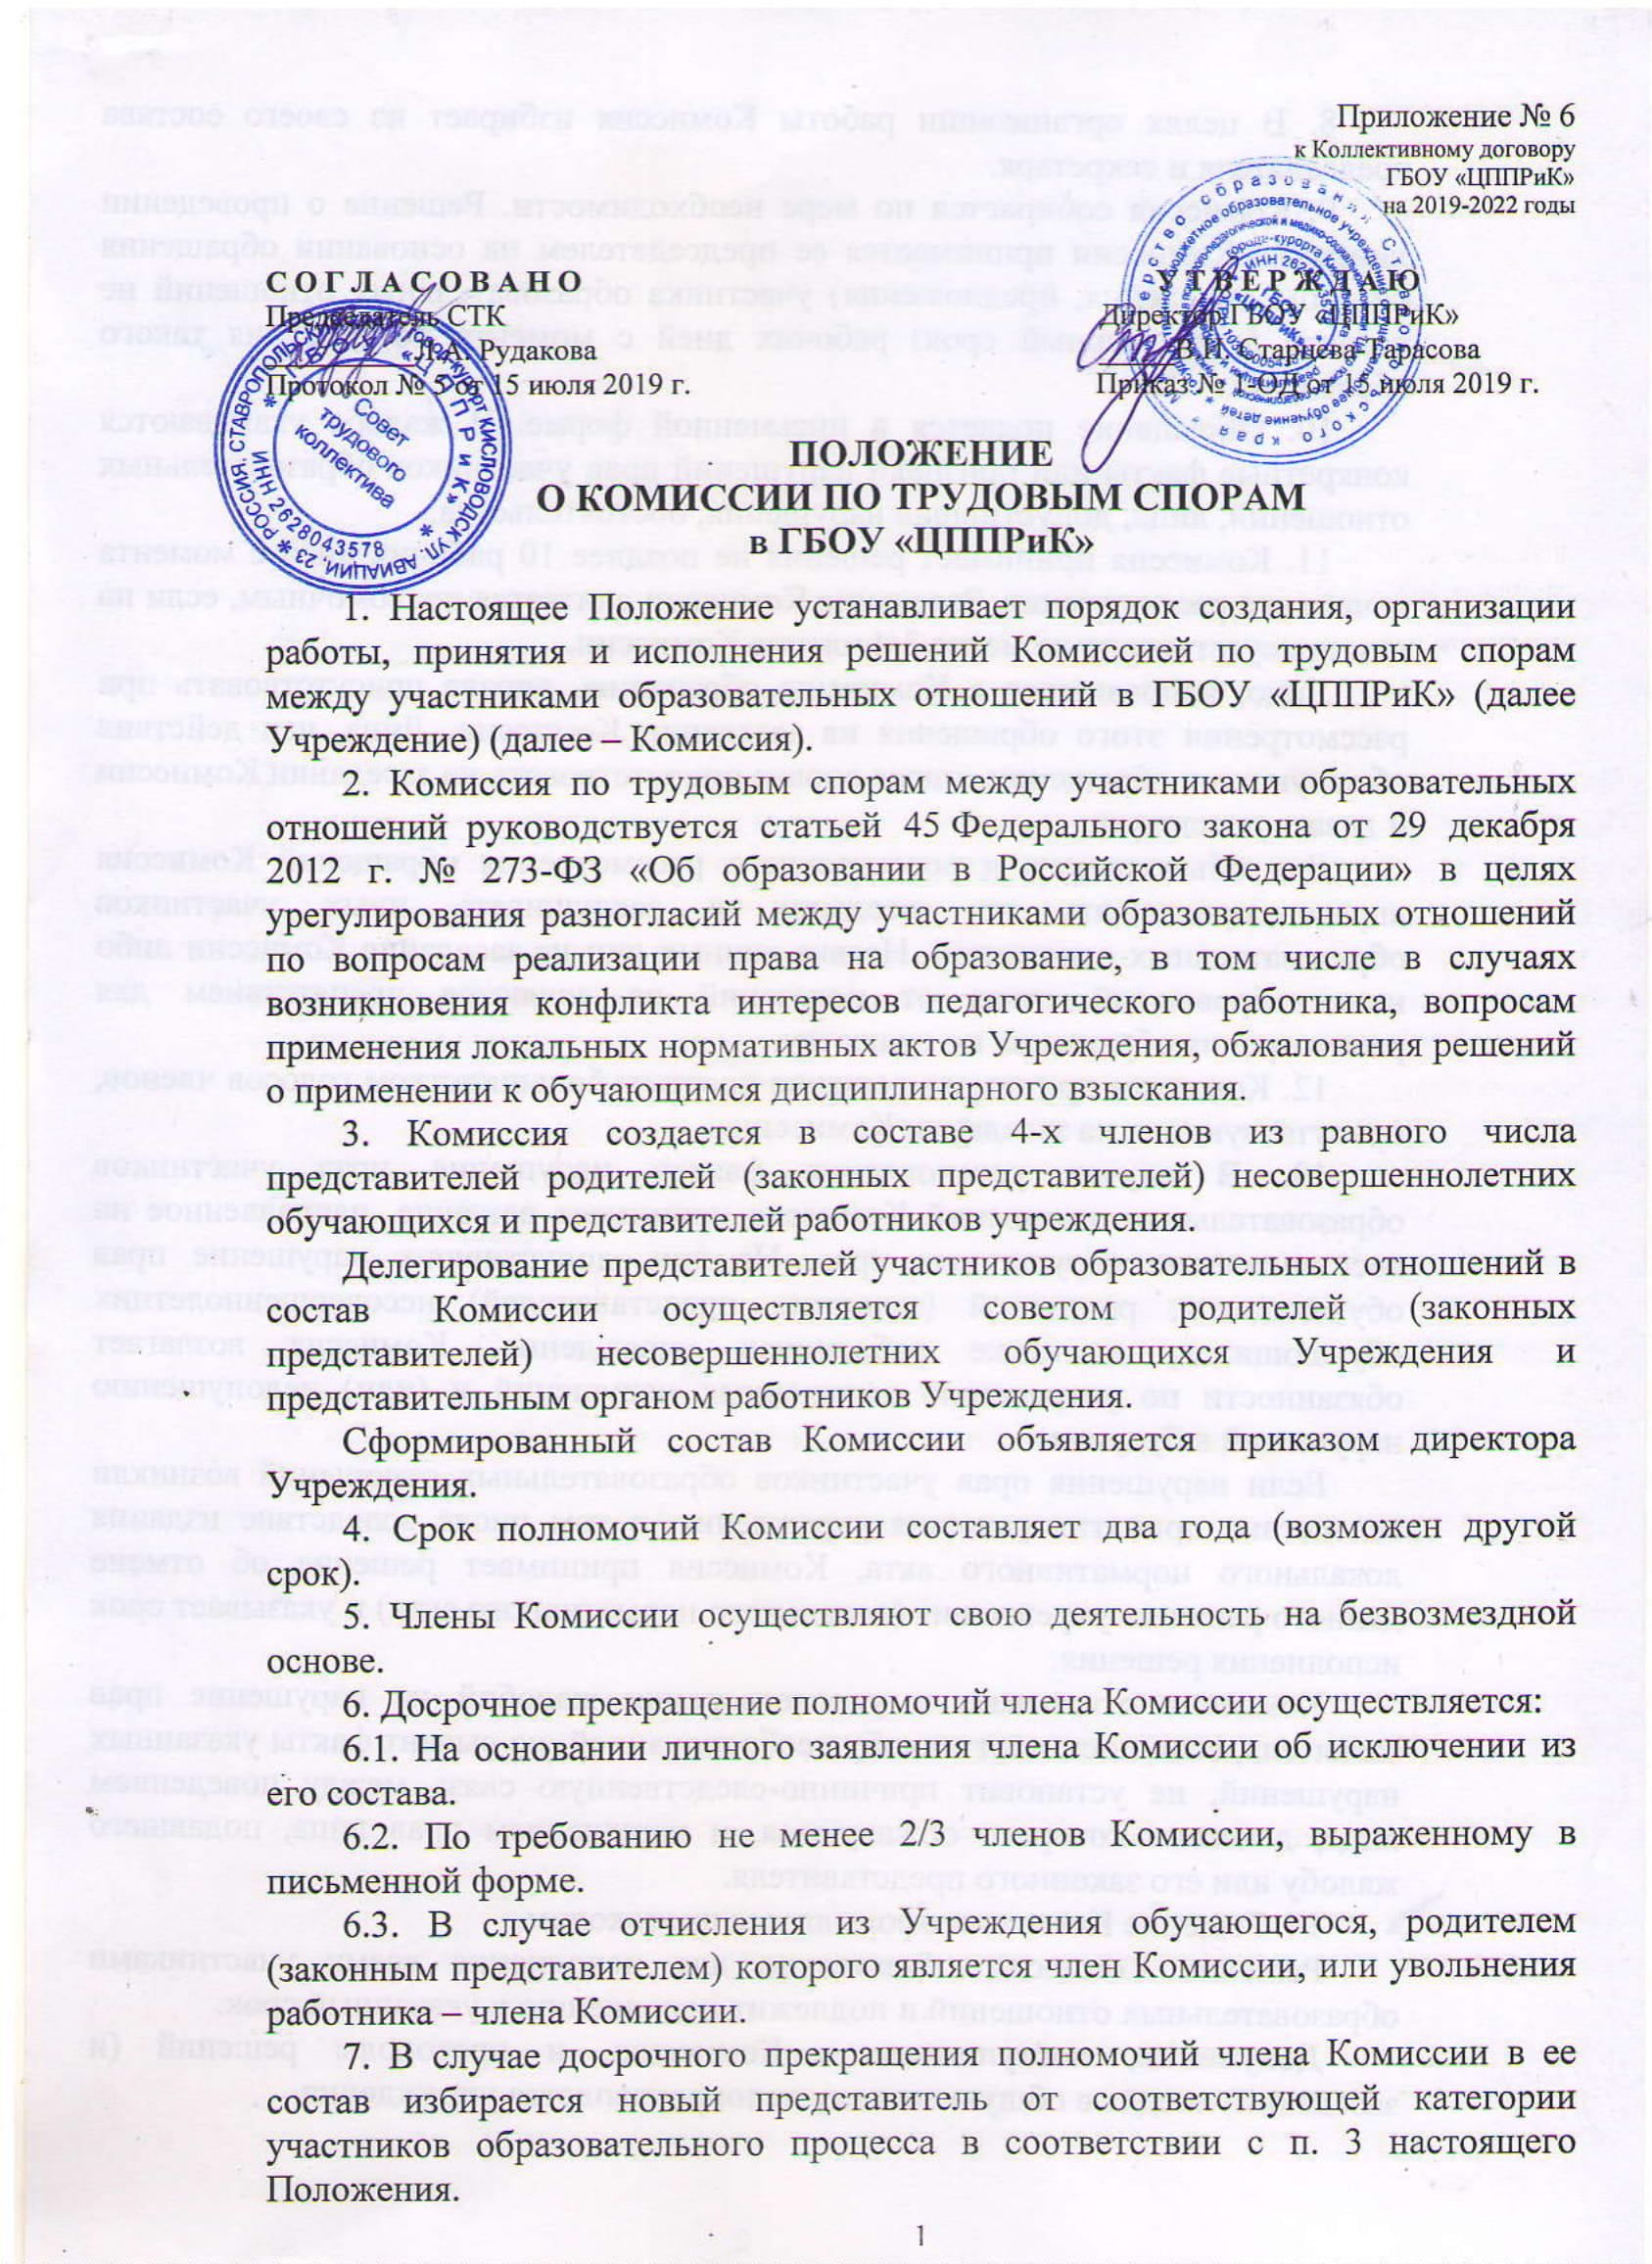 Положение о комиссии по трудовым спорам-1